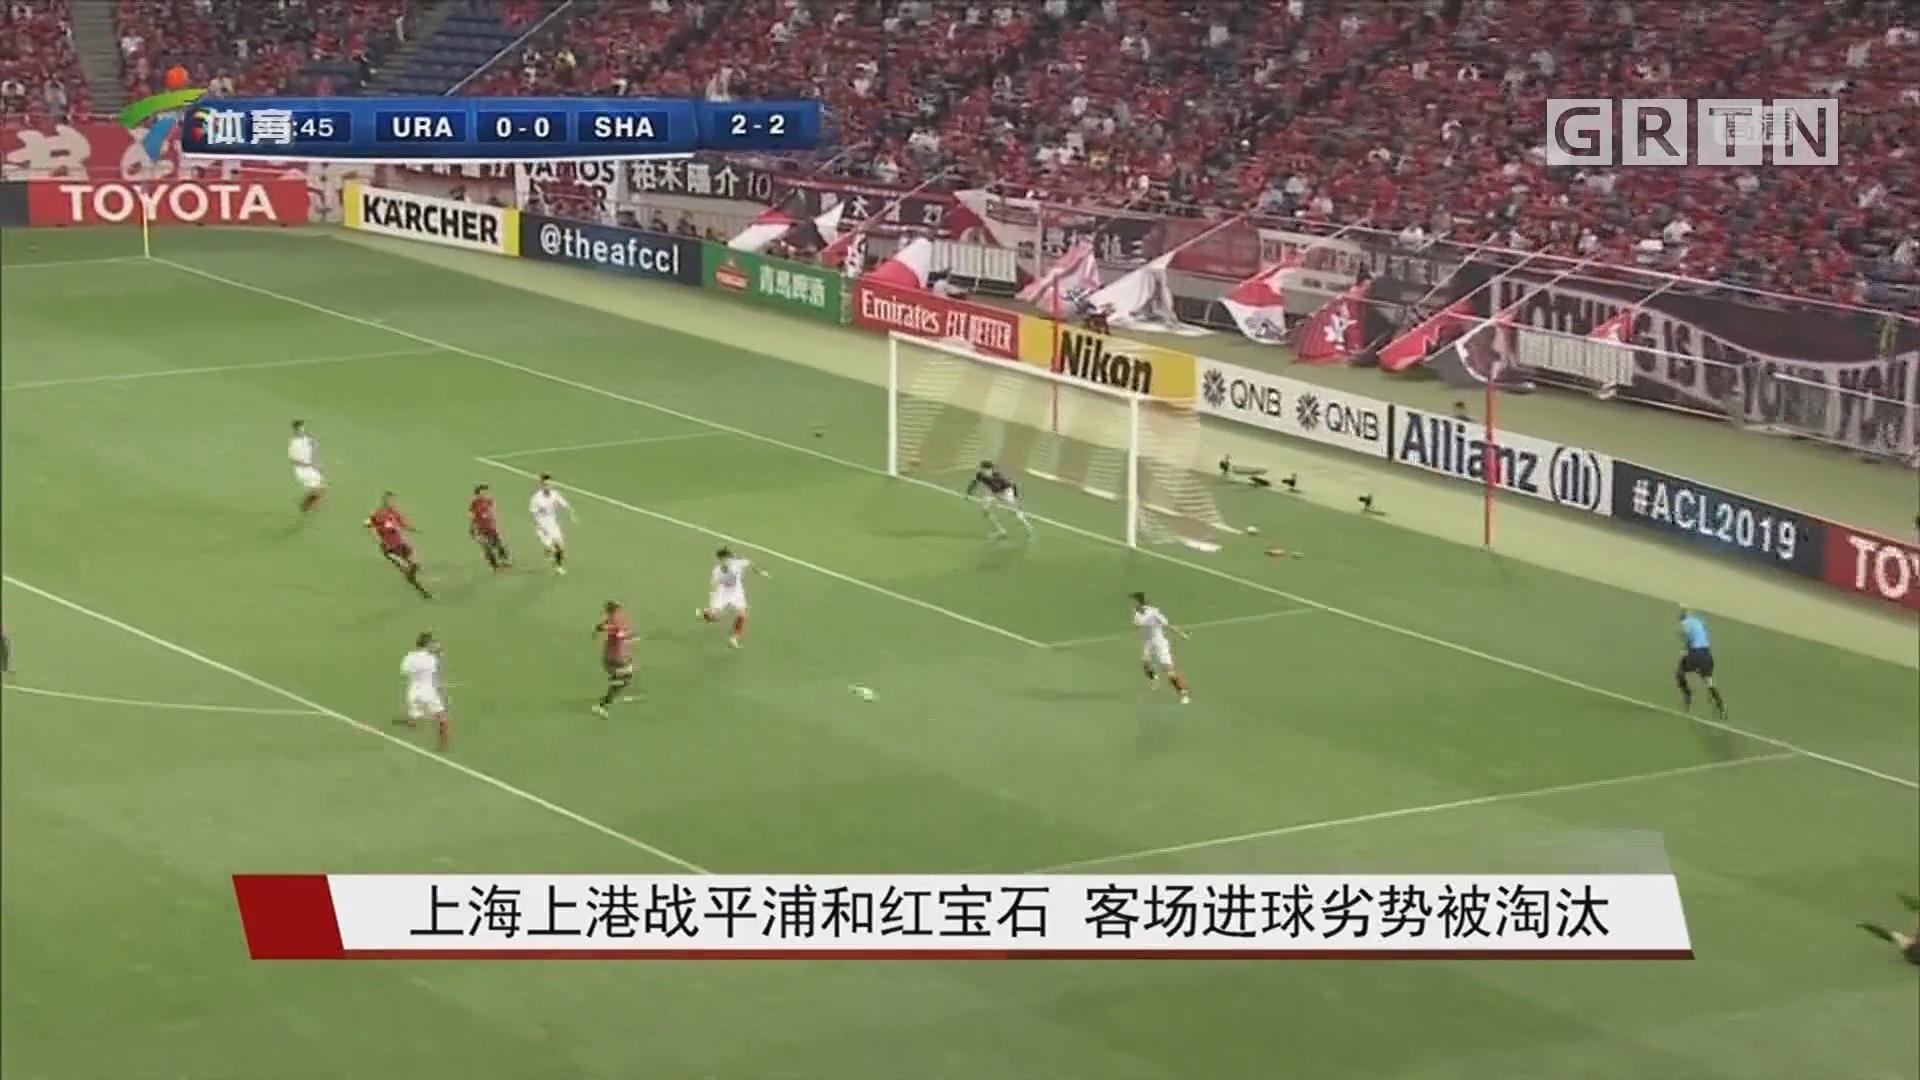 上海上港战平浦和红宝石 客场进球劣势被淘汰